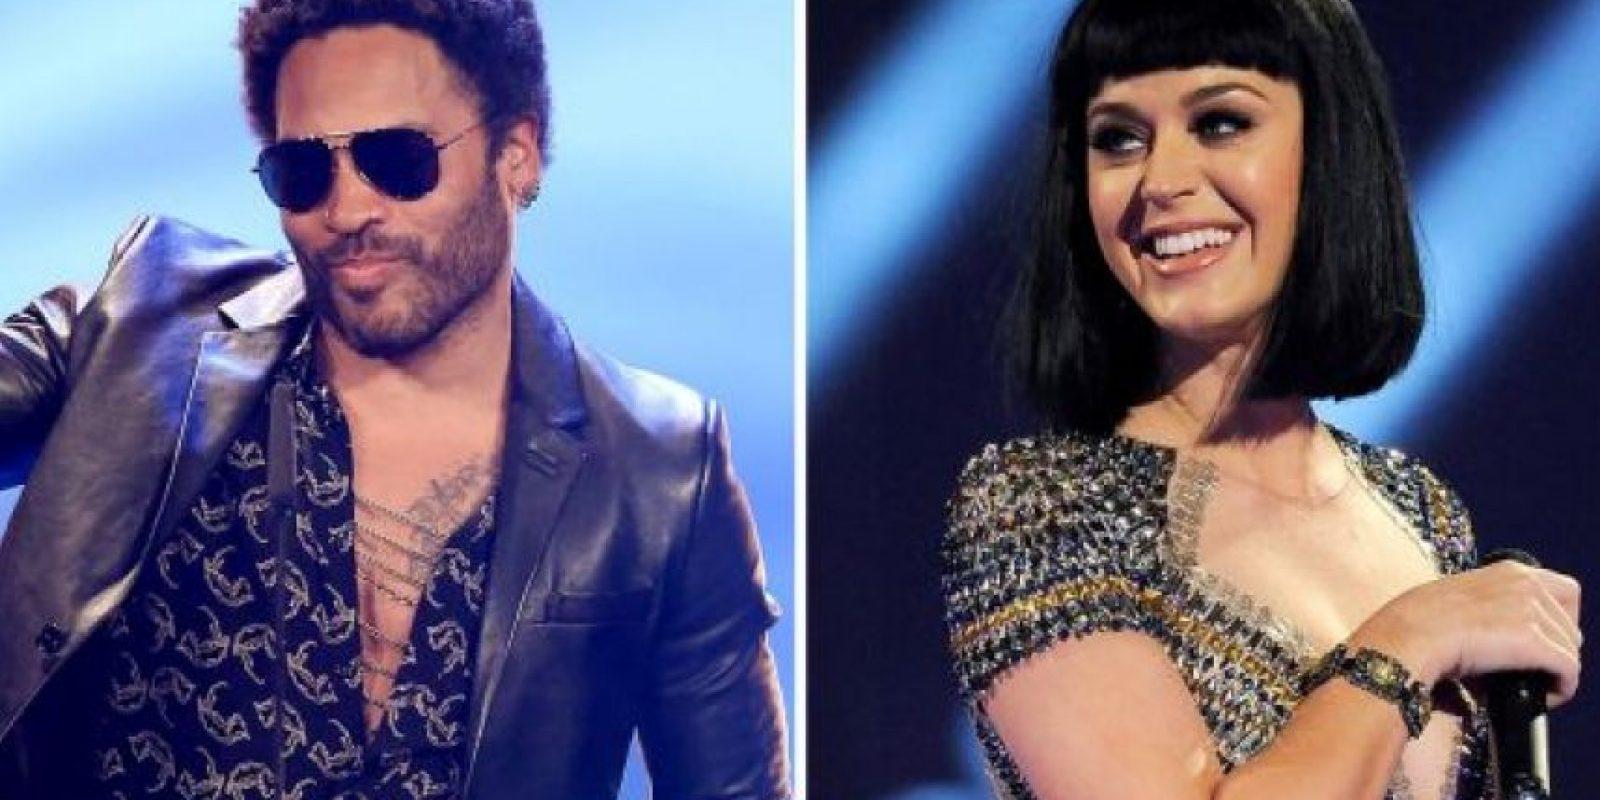 Katy Perry anunció que la súper estrella de rock Lenny Kravitz, compartirá el escenario del Super Bowl el próximo 1 de Febrero.